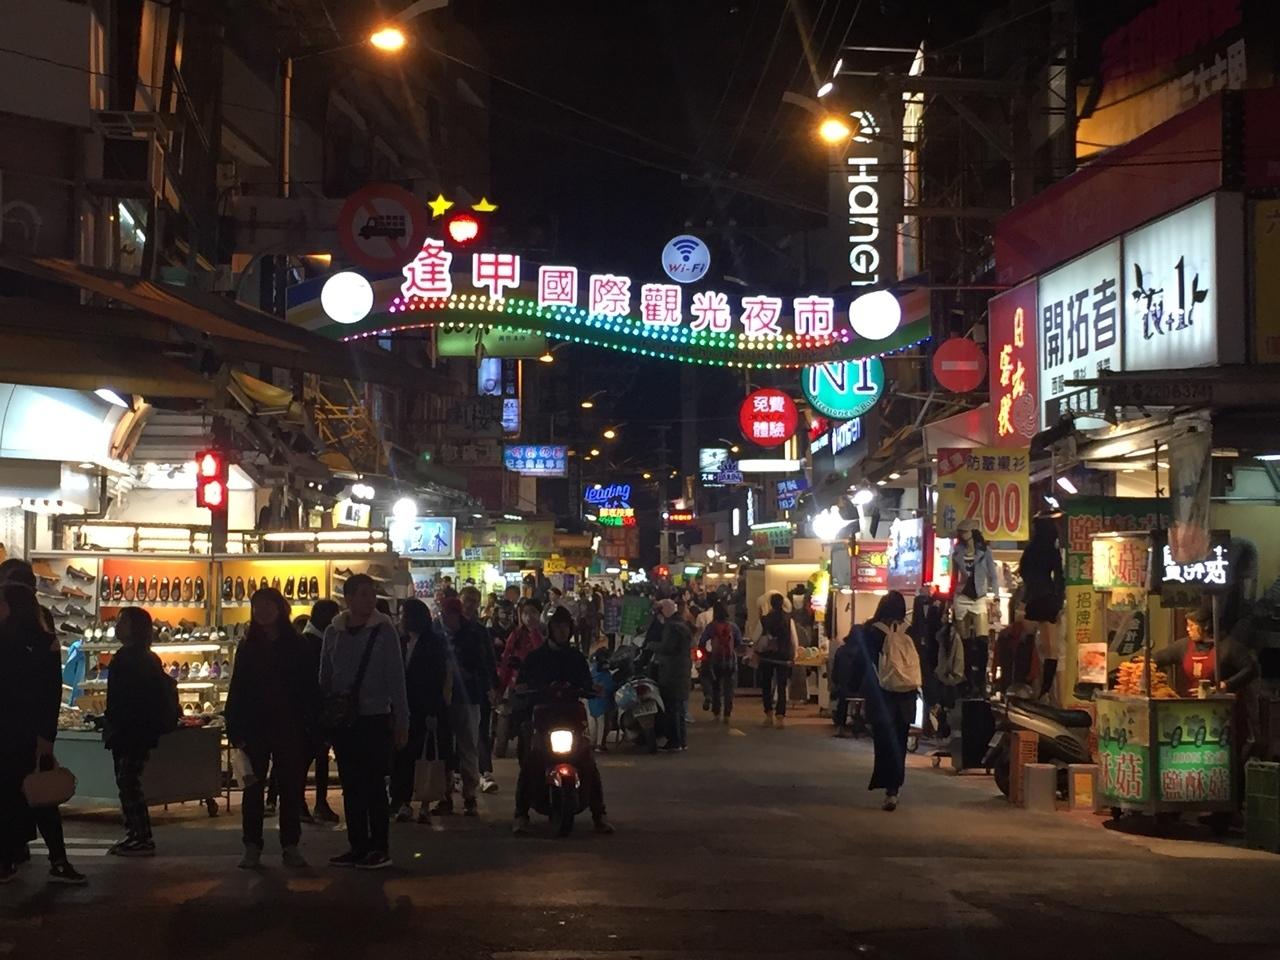 有網友稱台中市區除了逢甲夜市外,沒有其他必逛景點,很難靠觀光帶動周圍店家。圖/聯合報系資料照